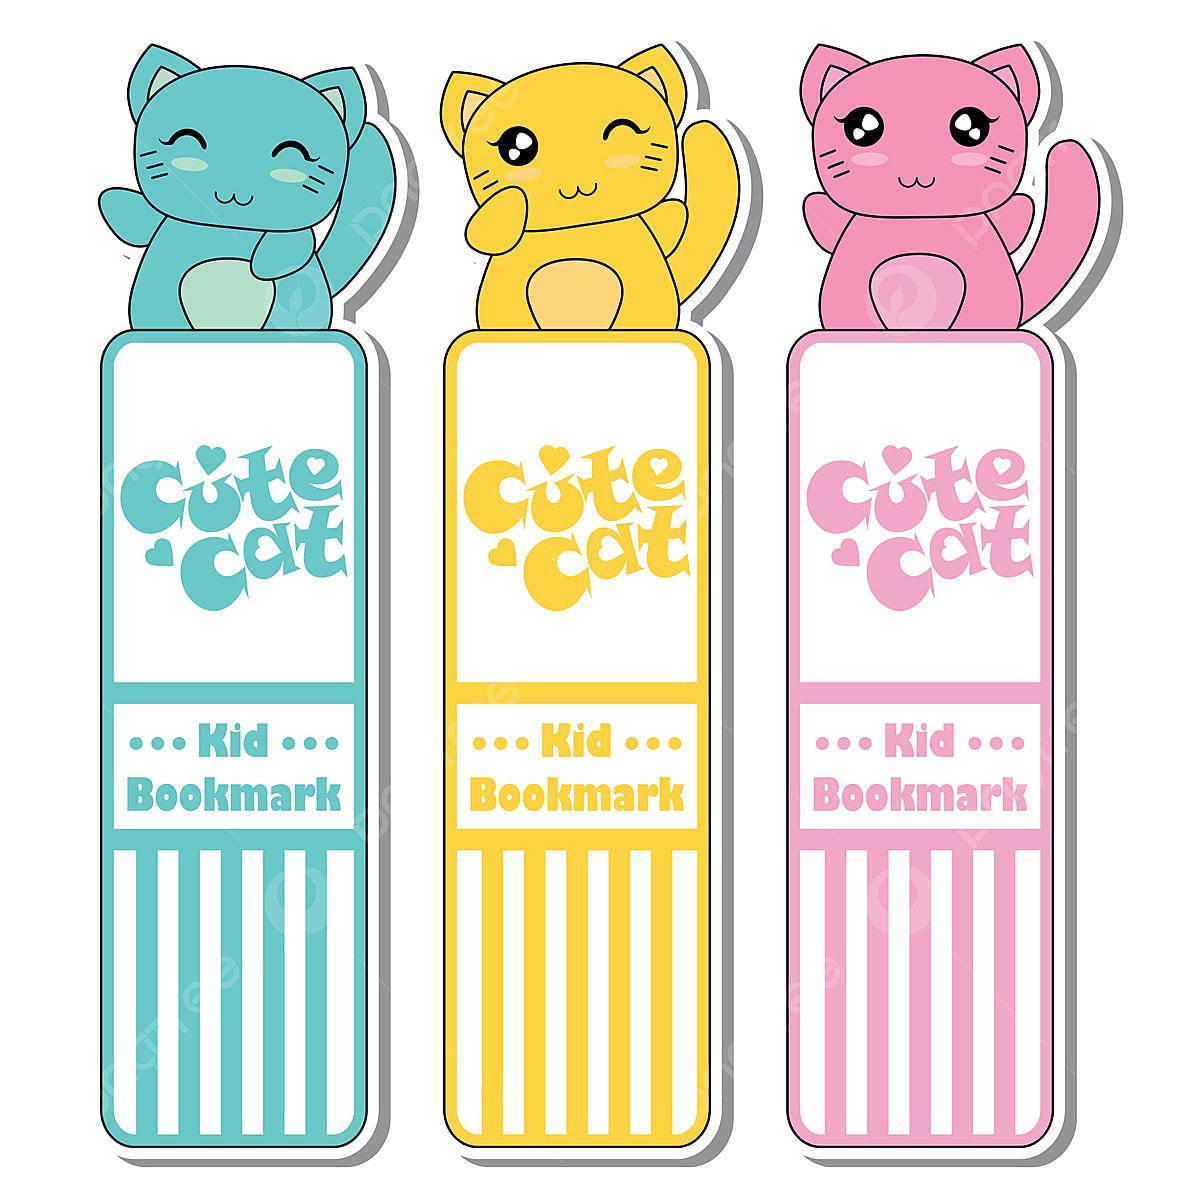 Gatos Coloridos Bonitos Ilustracao Dos Desenhos Animados Para